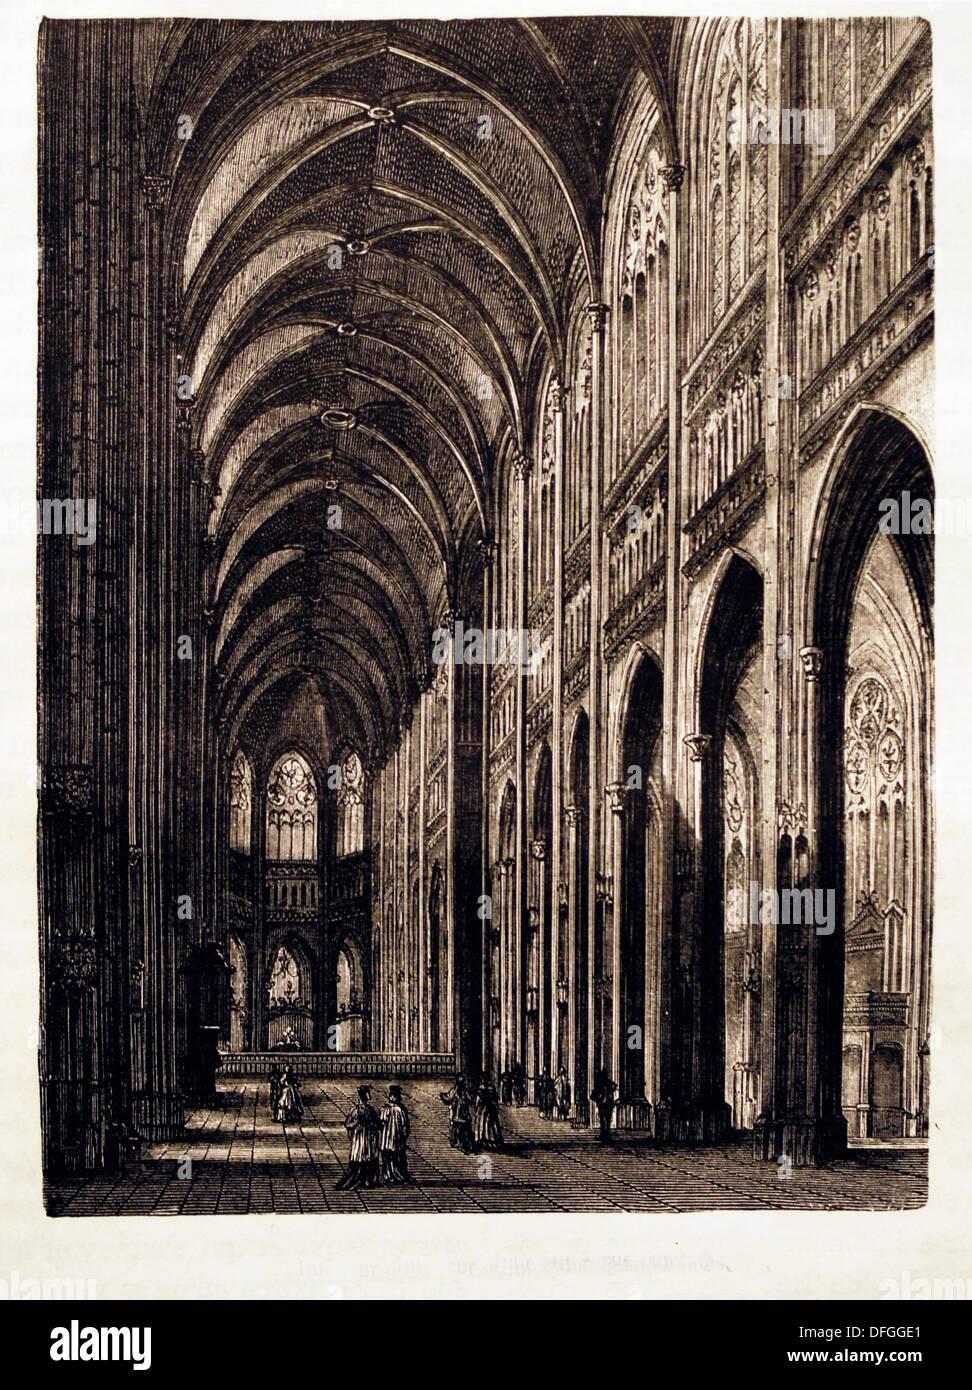 France-History- 'Interieur de l'église Saint-Oen, à Rouen': la iglesia de St Ouen es una gran iglesia católica romana en gótico Foto de stock